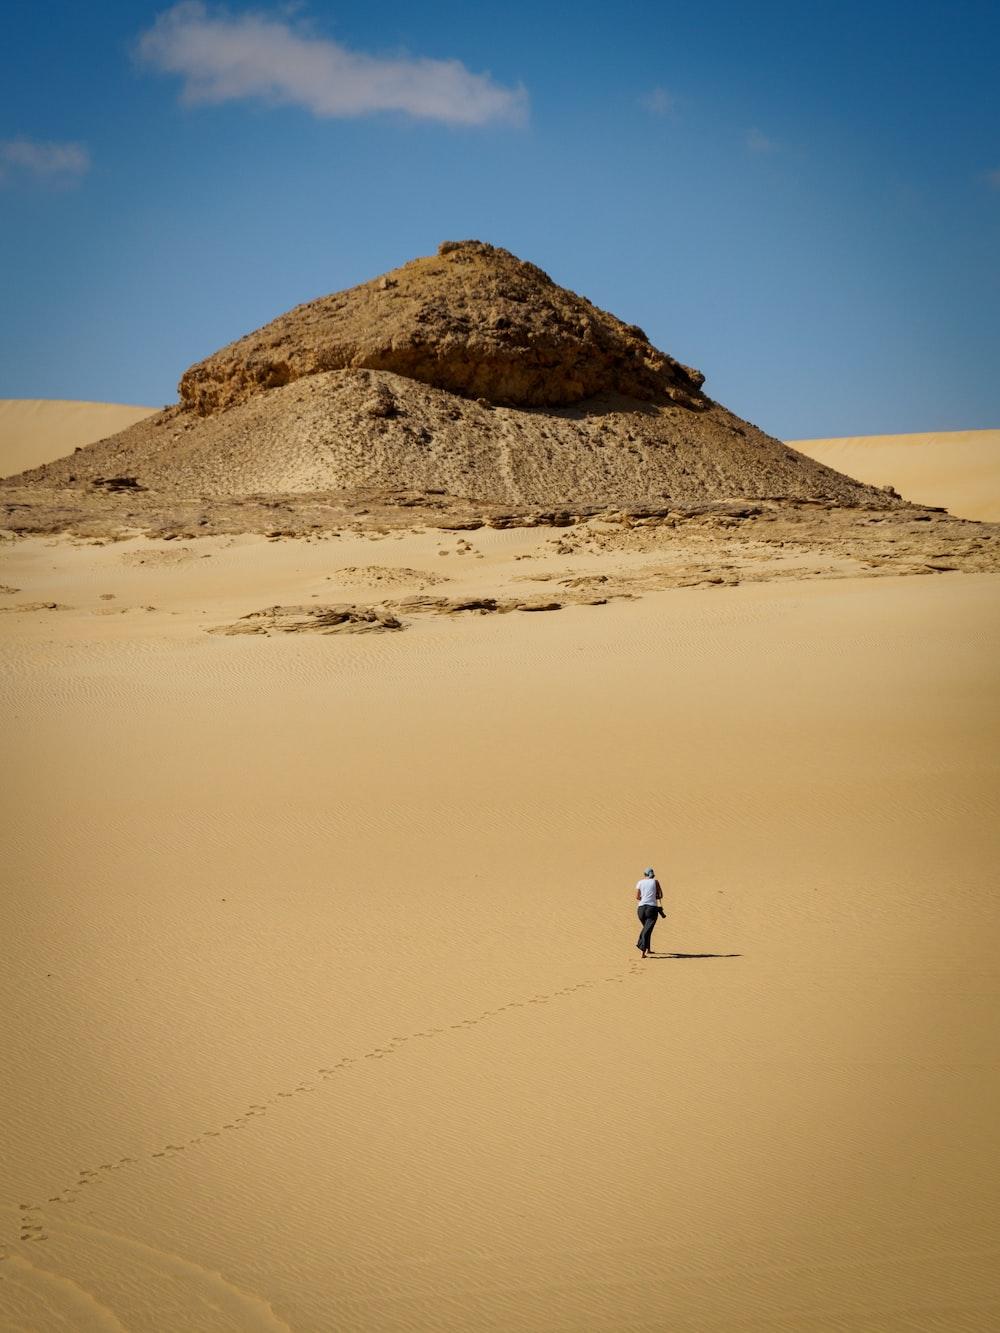 man in white shirt walking on brown sand during daytime